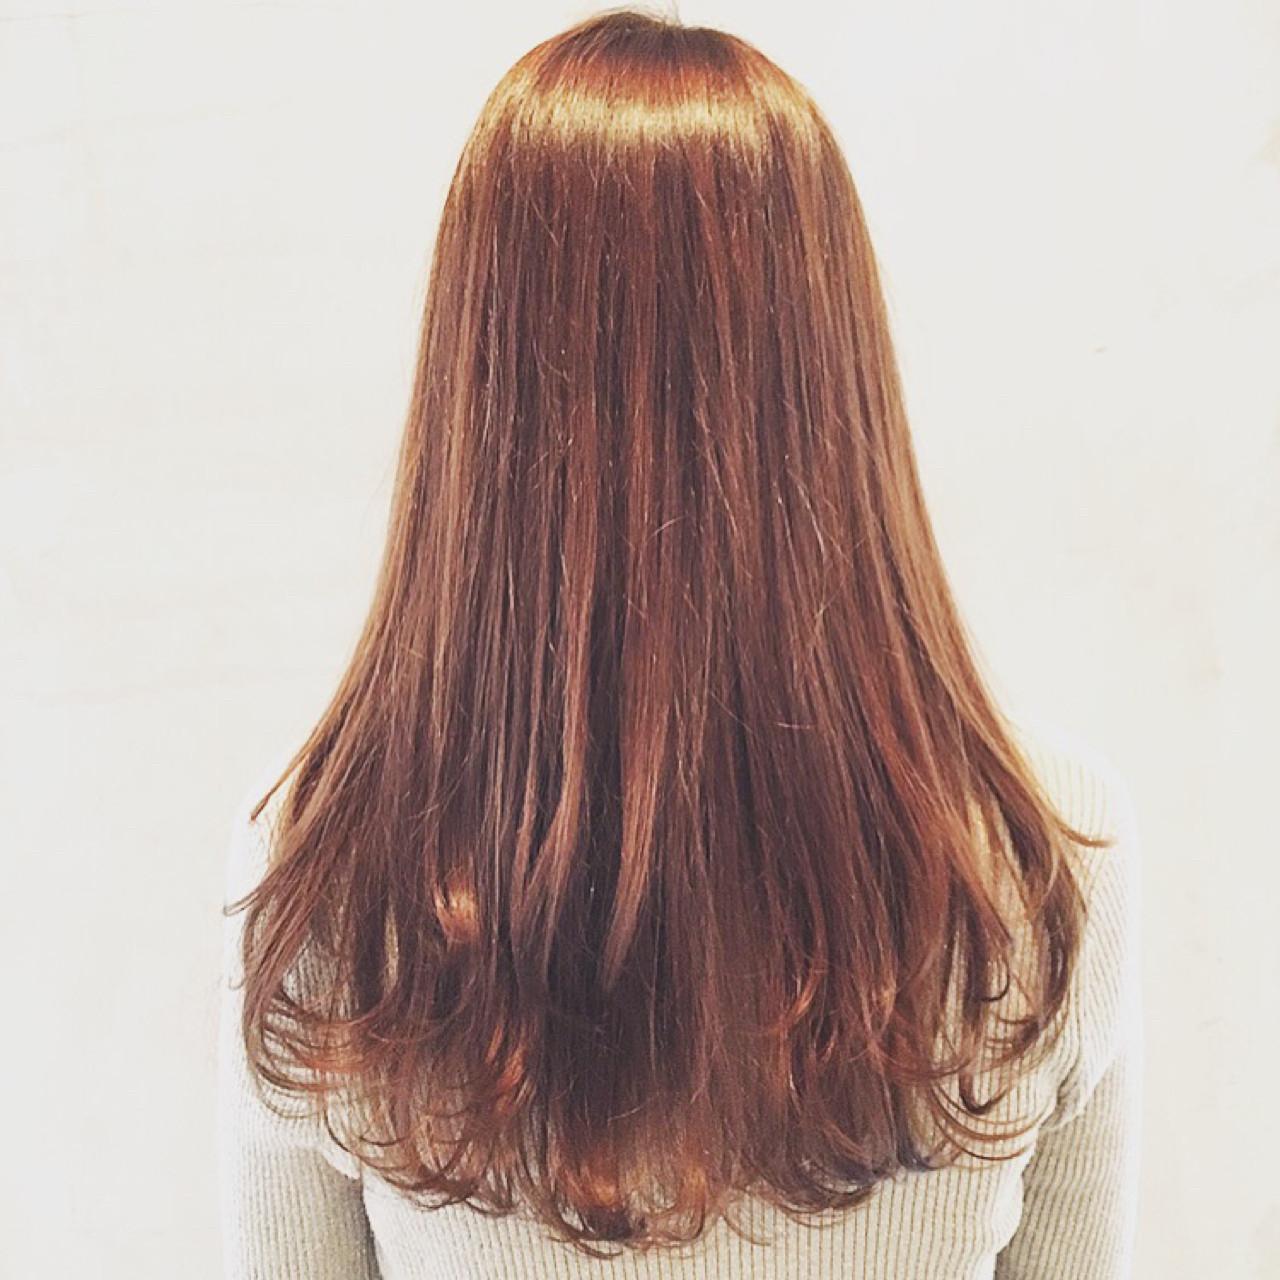 ハイライト ロング パーマ ナチュラル ヘアスタイルや髪型の写真・画像